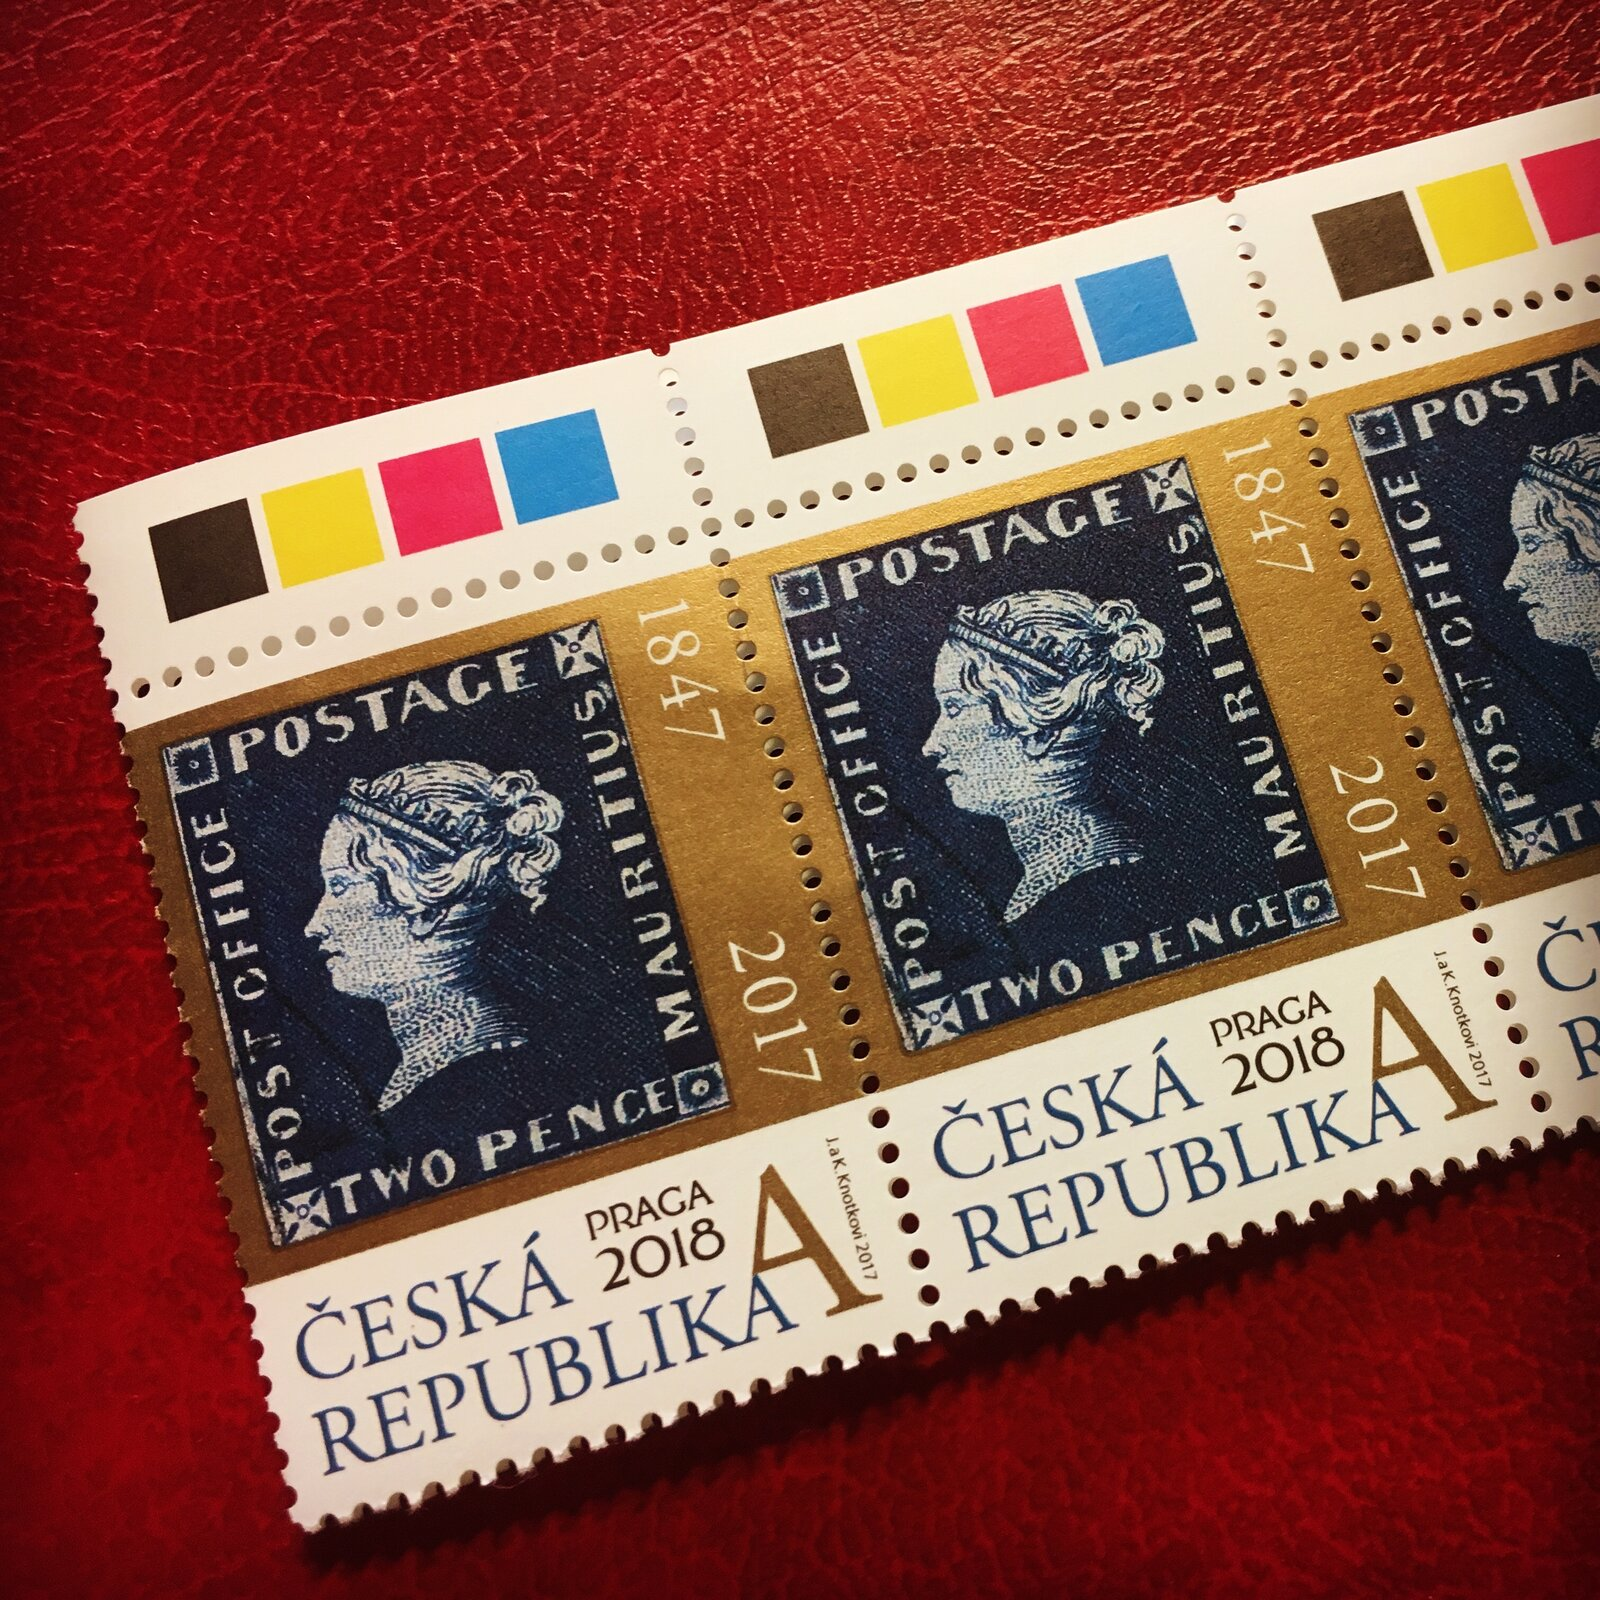 známka vydaná Českou poštou